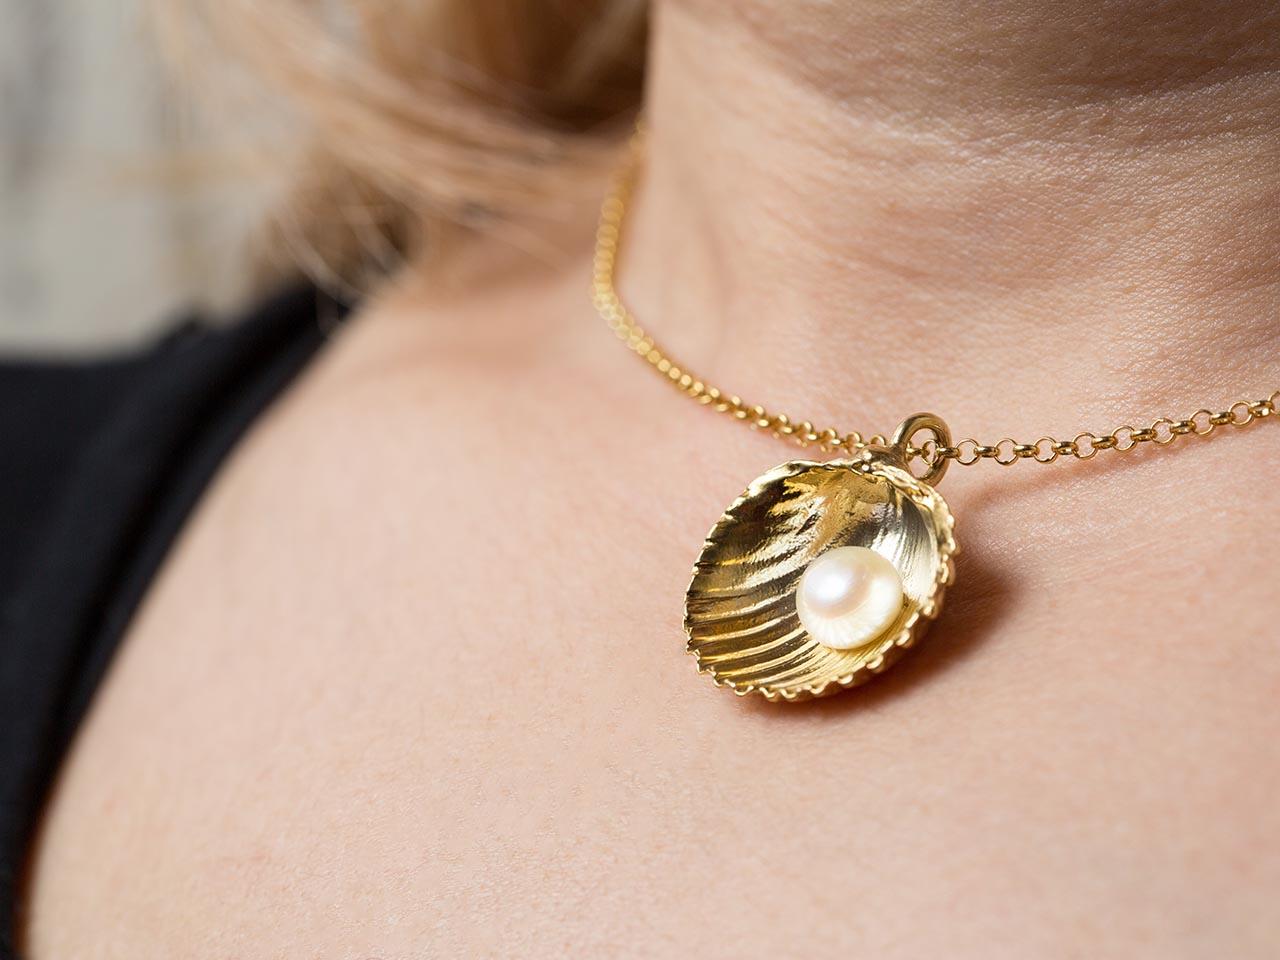 κρεμαστό αχιβάδα μαργαριτάρι χρυσό